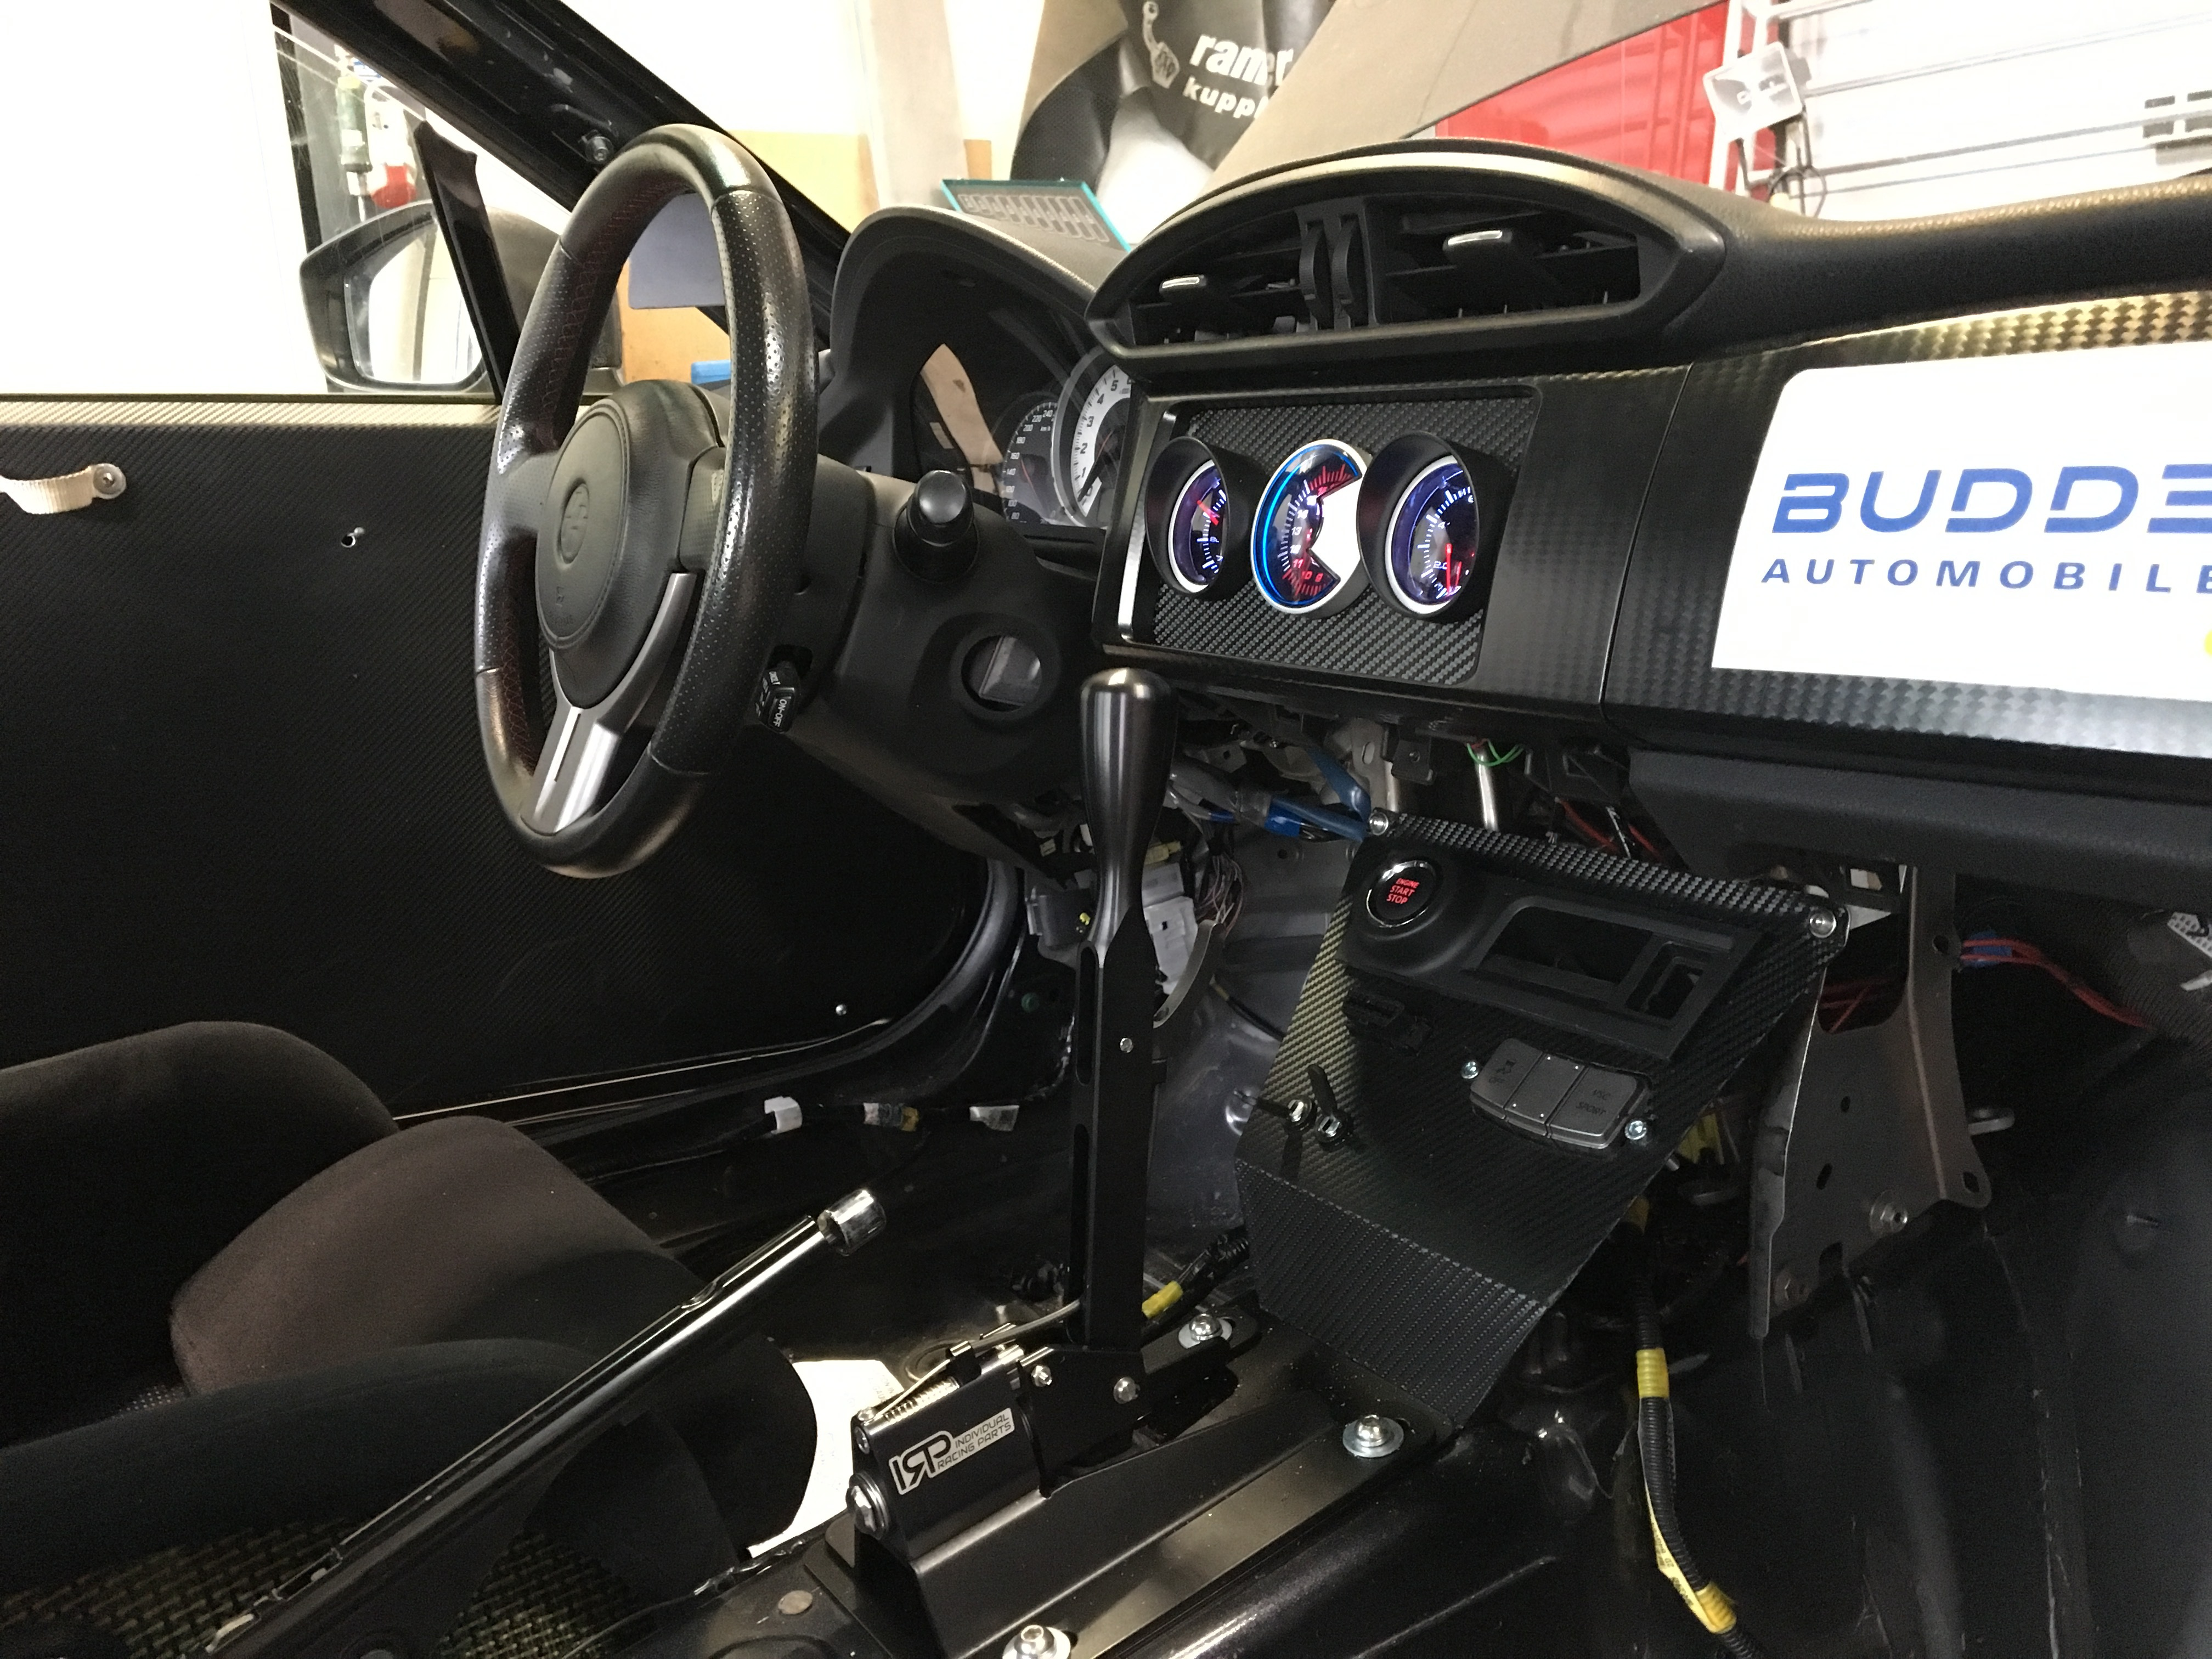 Innenausbau - Interieur - gt86drivers.de - Das Toyota GT86 und ...